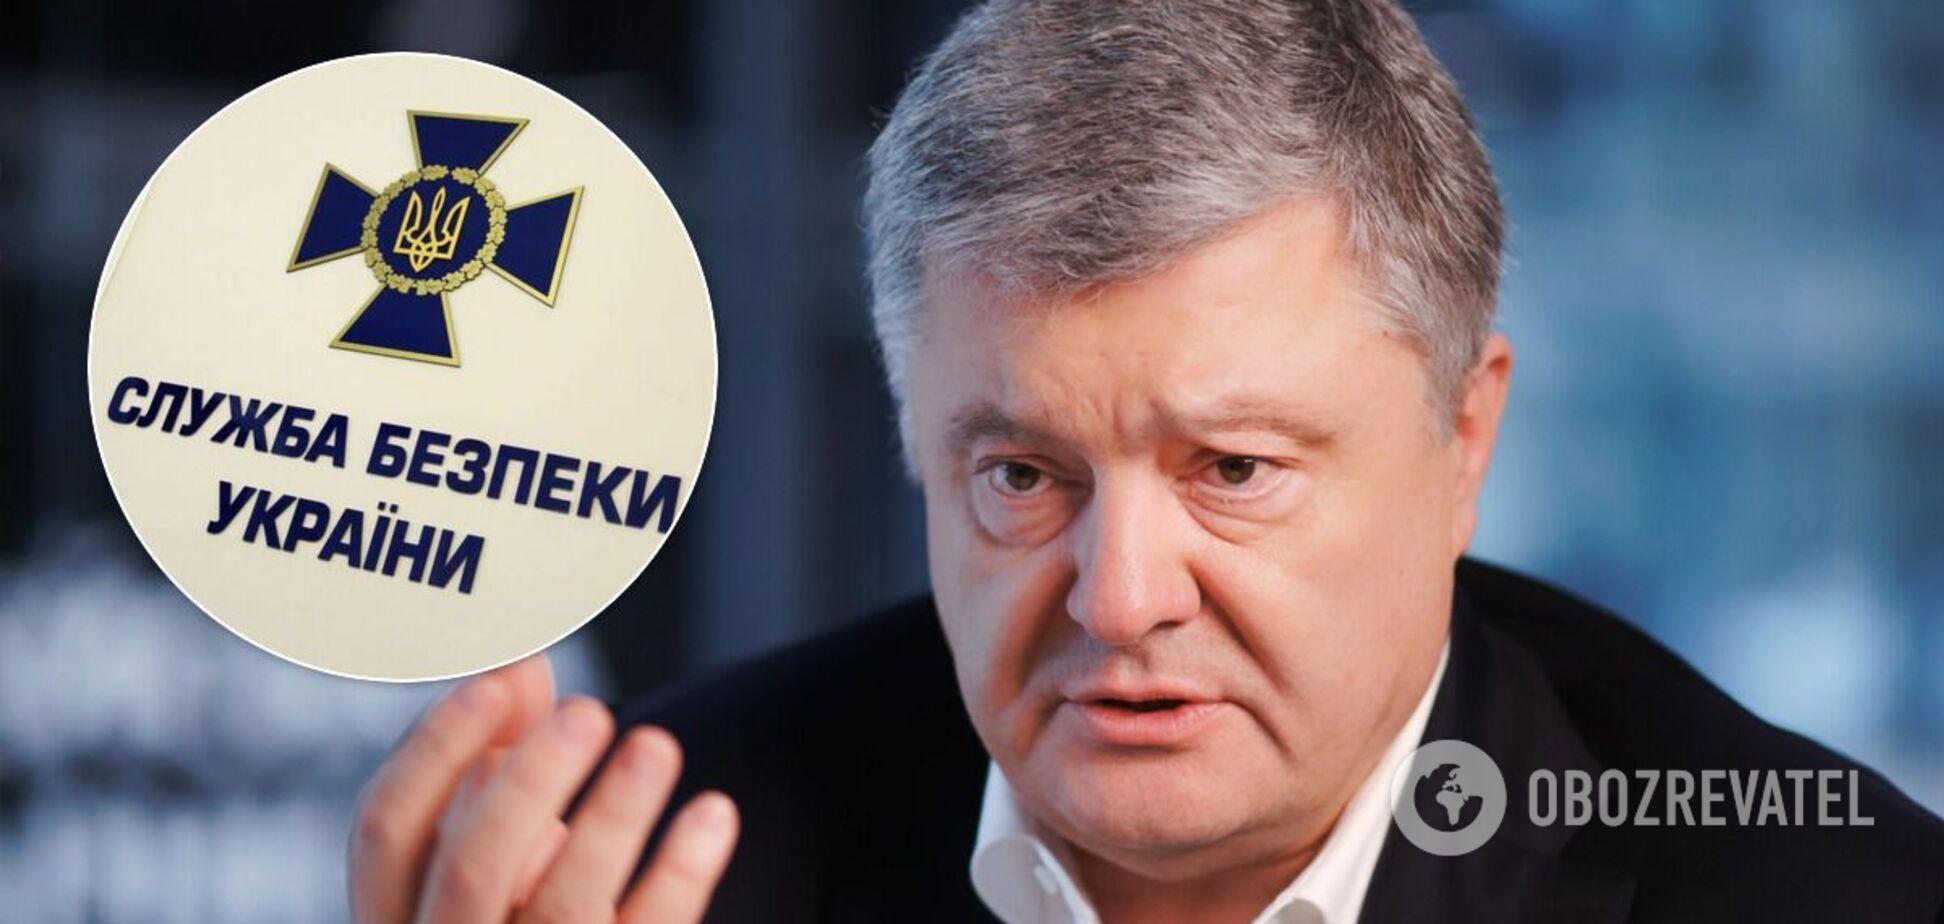 СБУ зарегистрировала 15 дел против Порошенко, – Головань